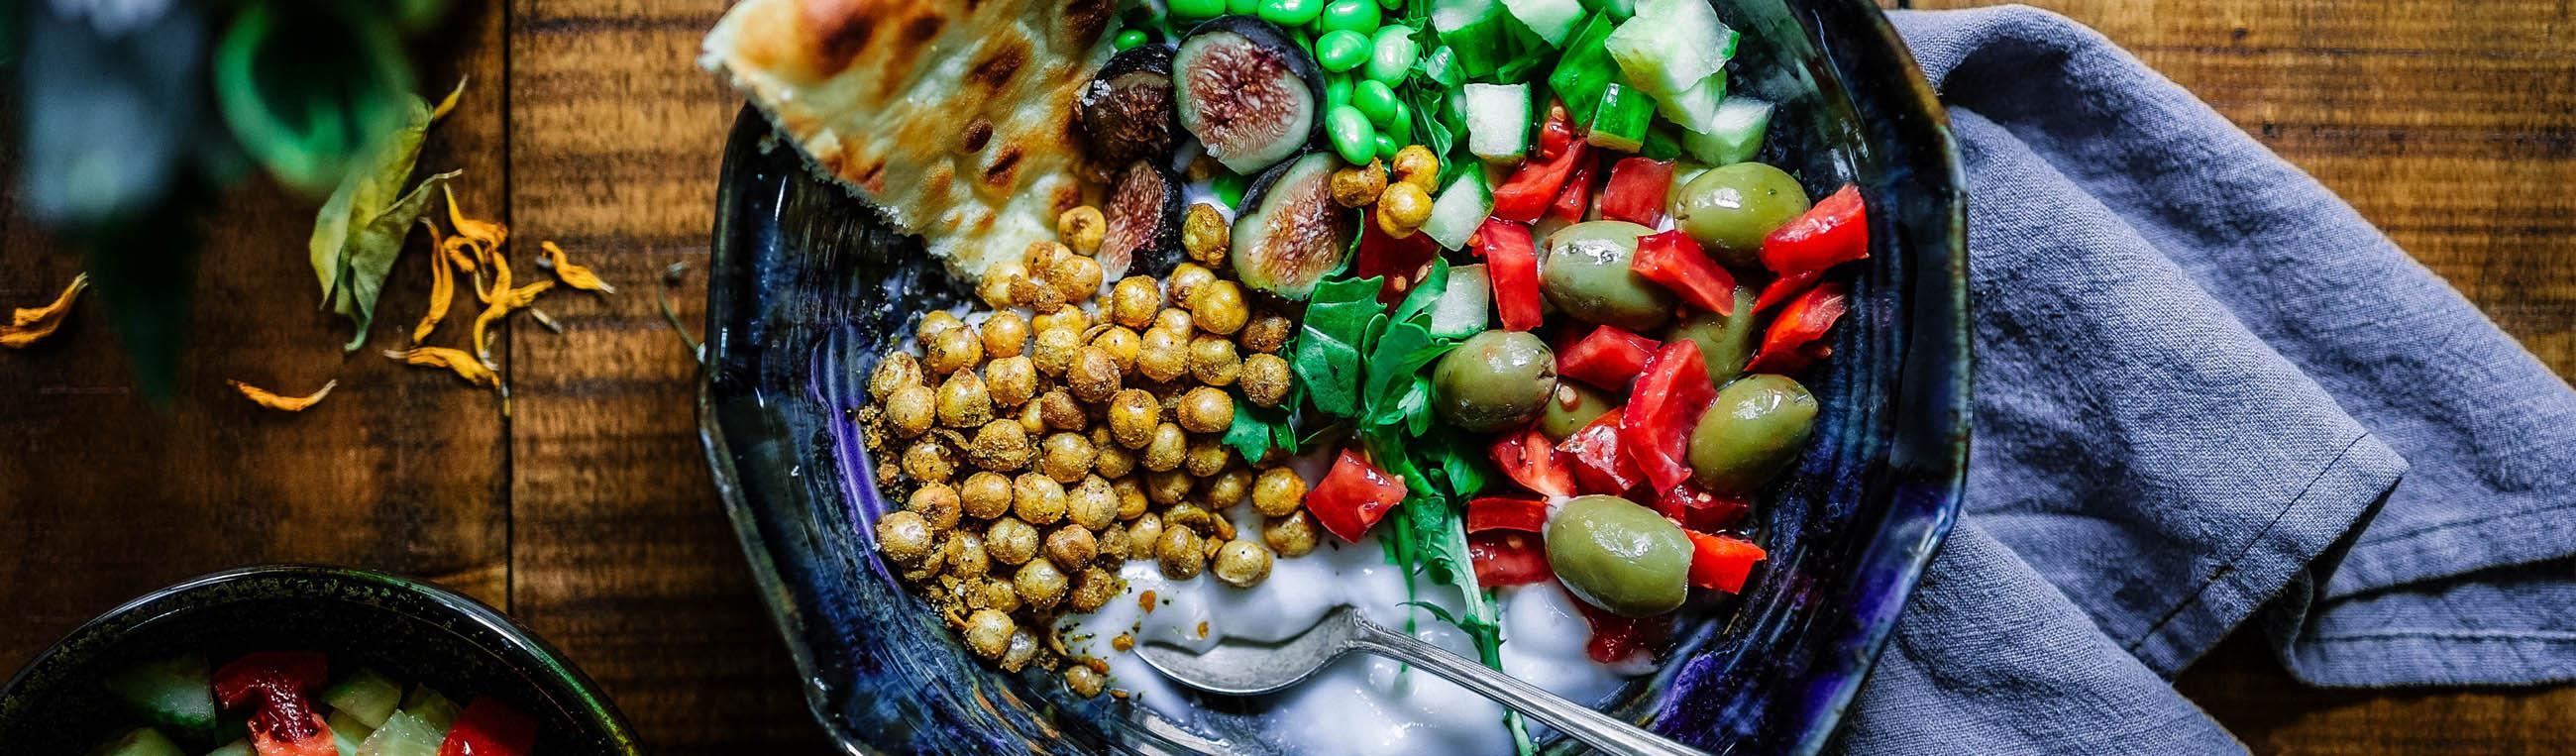 Enkla veganska recept med mycket smak och rena råvaror